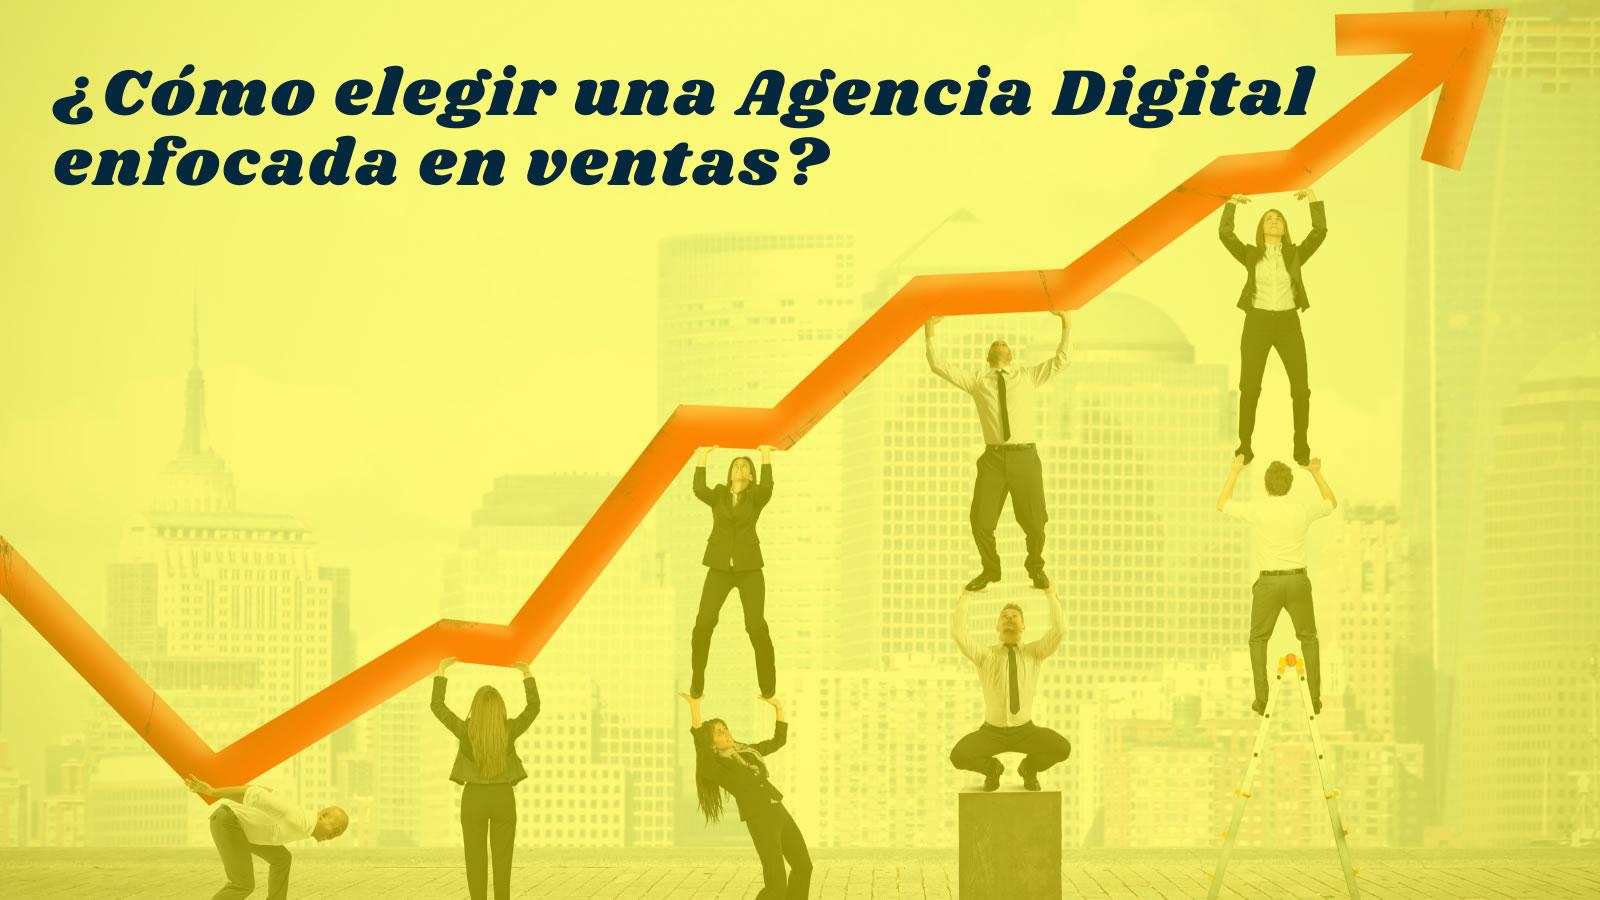 ¿Cómo elegir una Agencia Digital, enfocada en ventas?